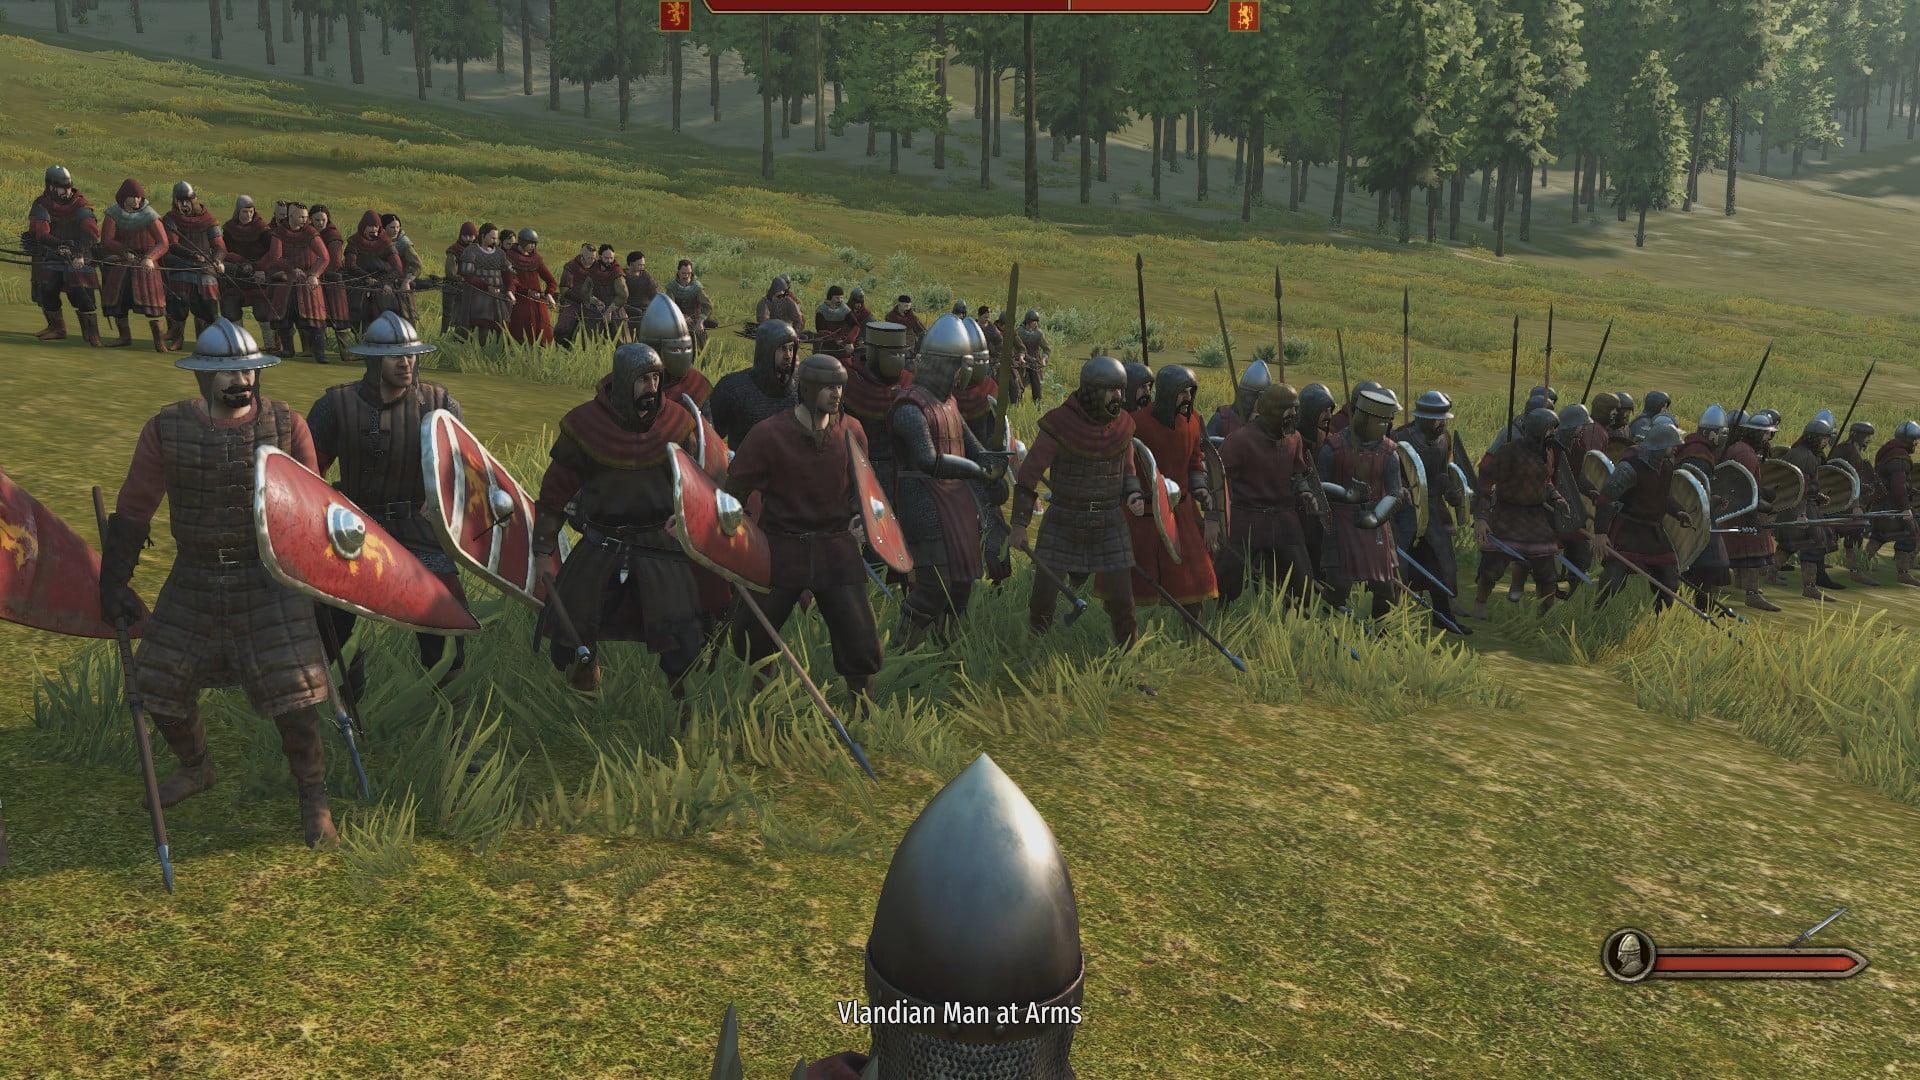 دانلود مد Vlandia Troops Redone برای بازی Mount And Blade II